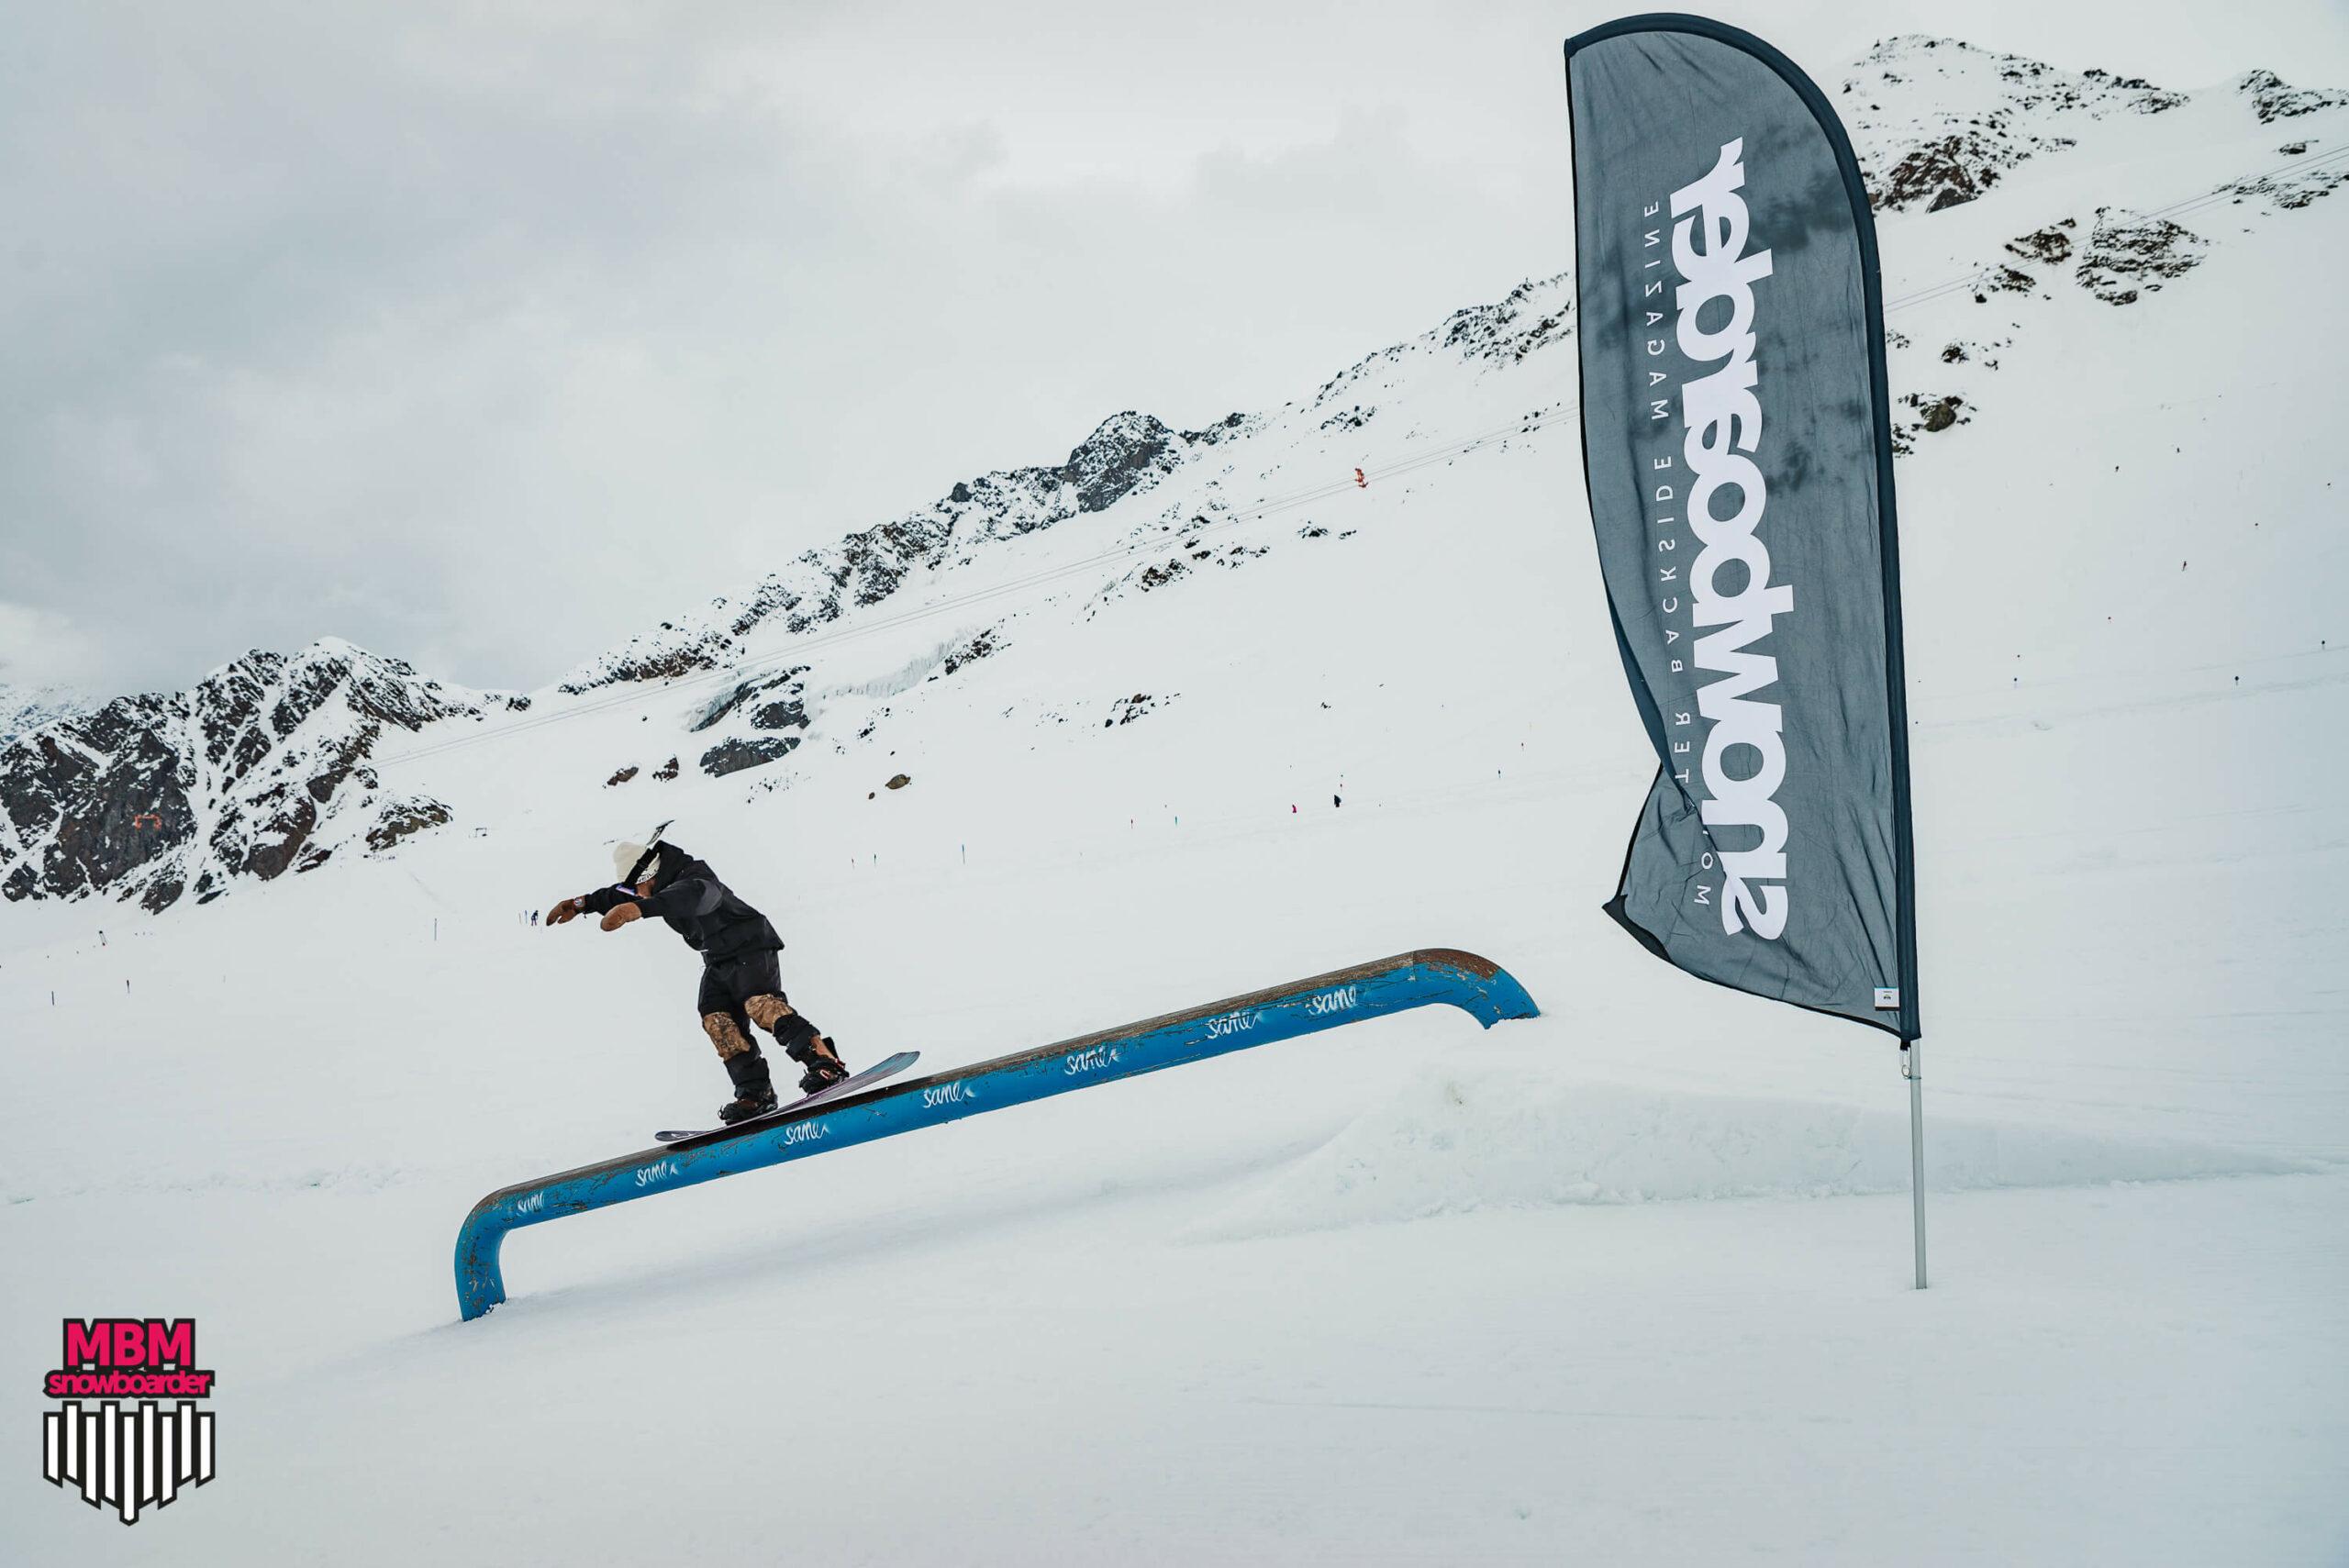 snowboarderMBM_sd_kaunertal_032